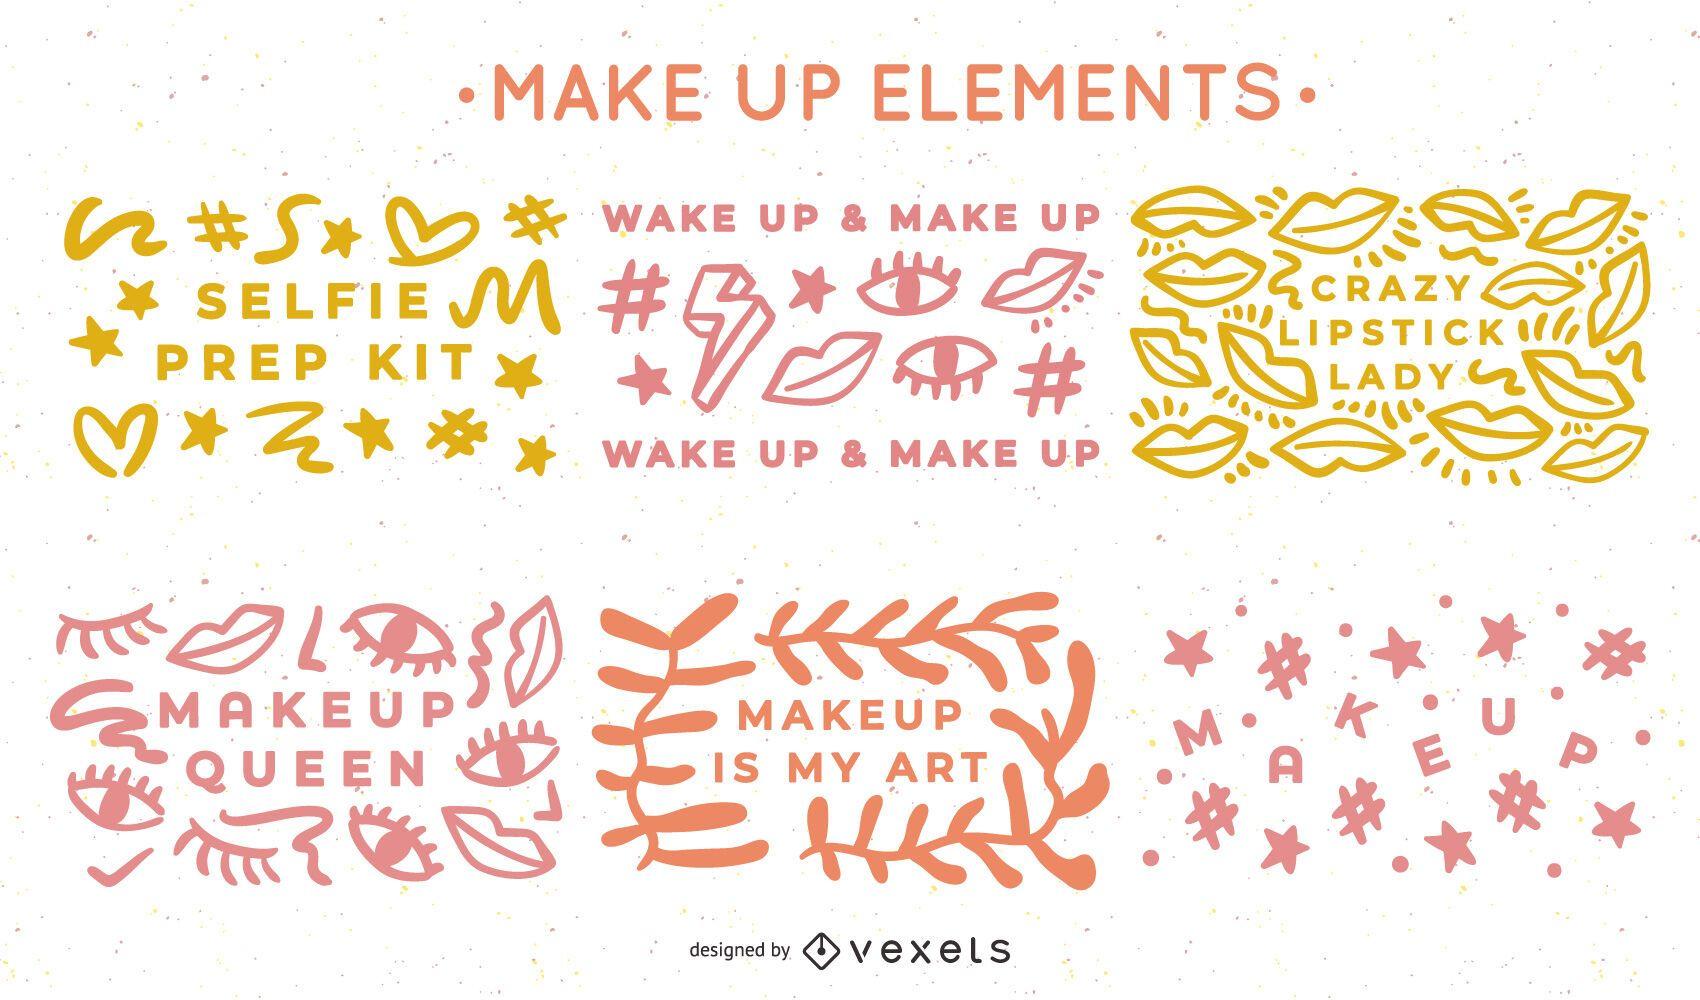 Paquete de diseño de elementos de maquillaje